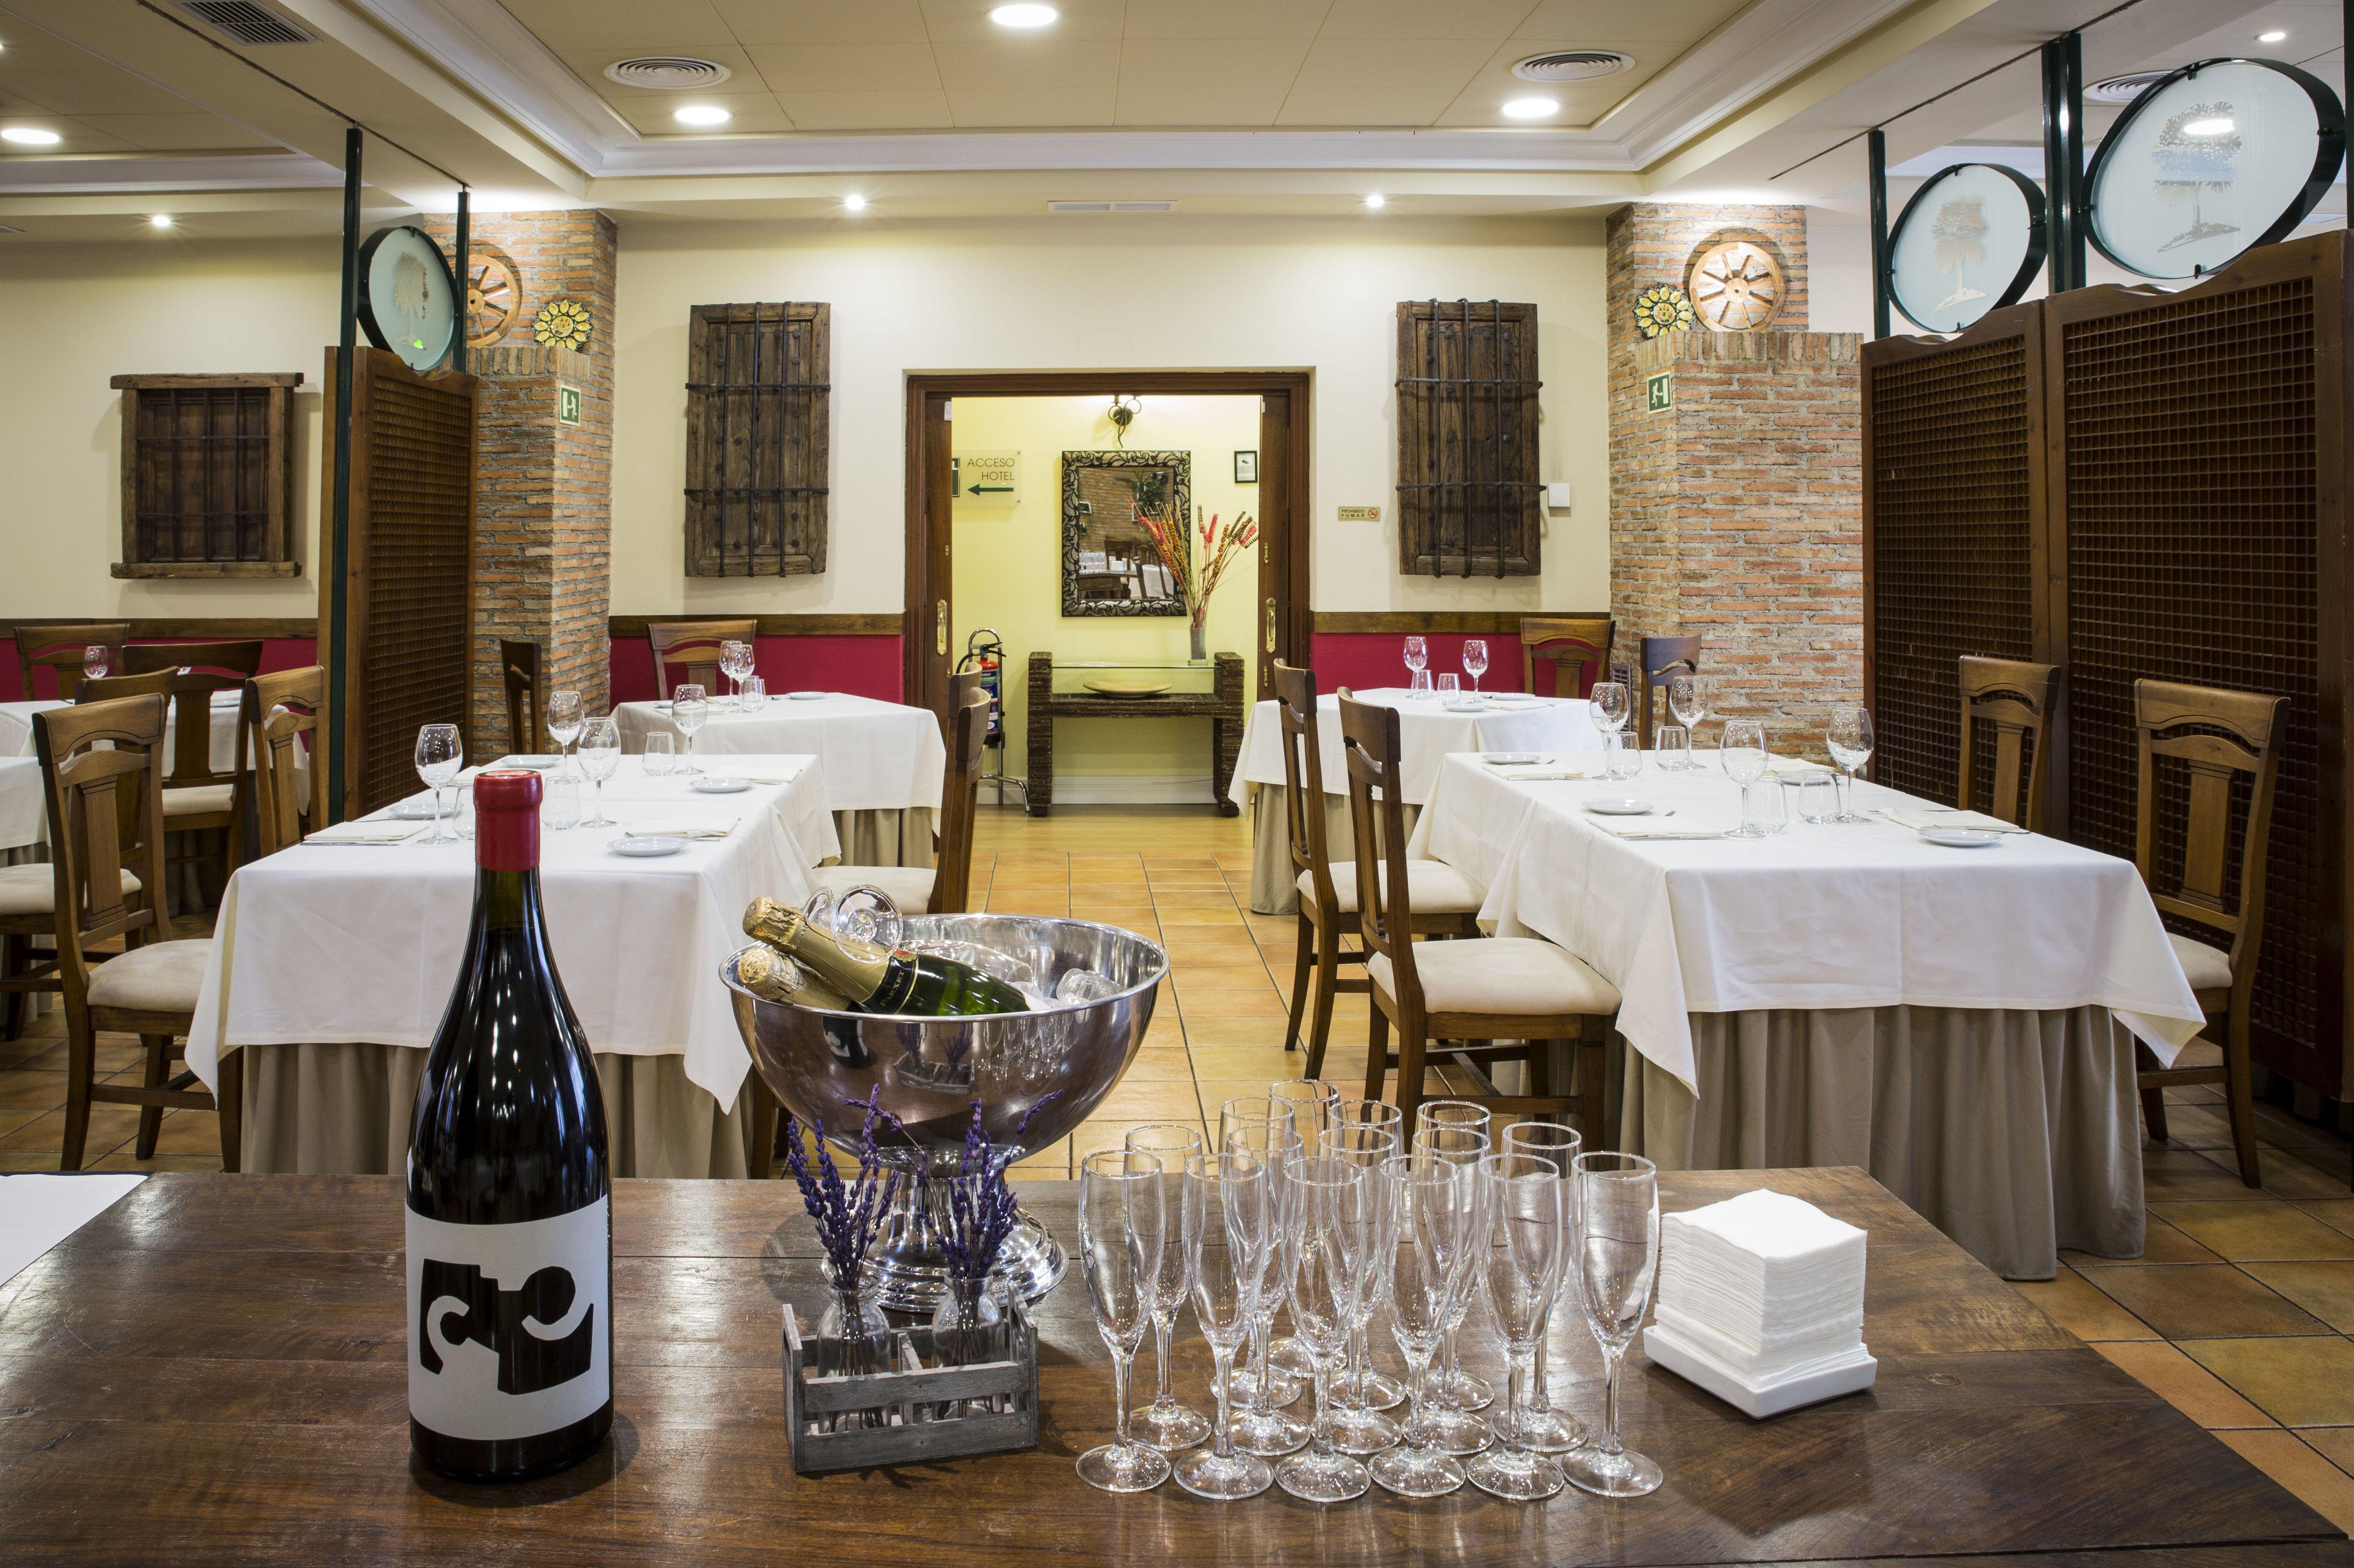 Foto 33 de Asadores en Arganda del Rey | Restaurante El Roble Hotel AB Arganda